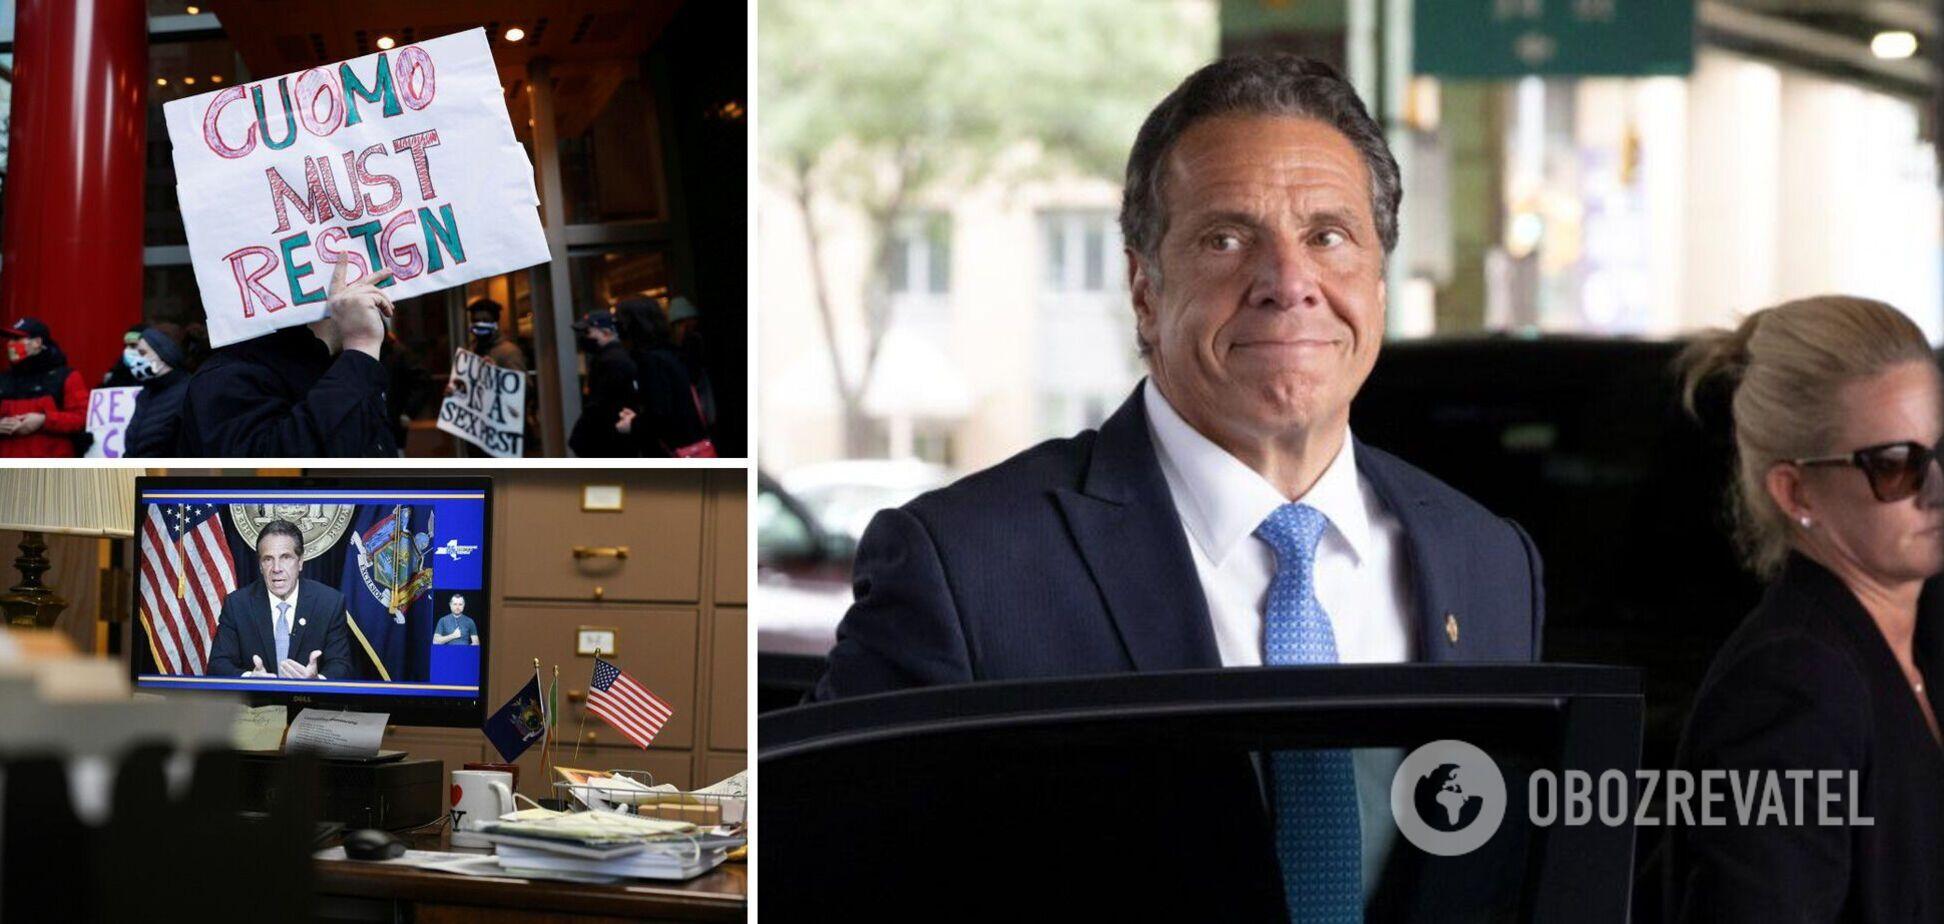 Губернатор Нью-Йорка Куомо оголосив про відставку після скандалу з сексуальними домаганнями